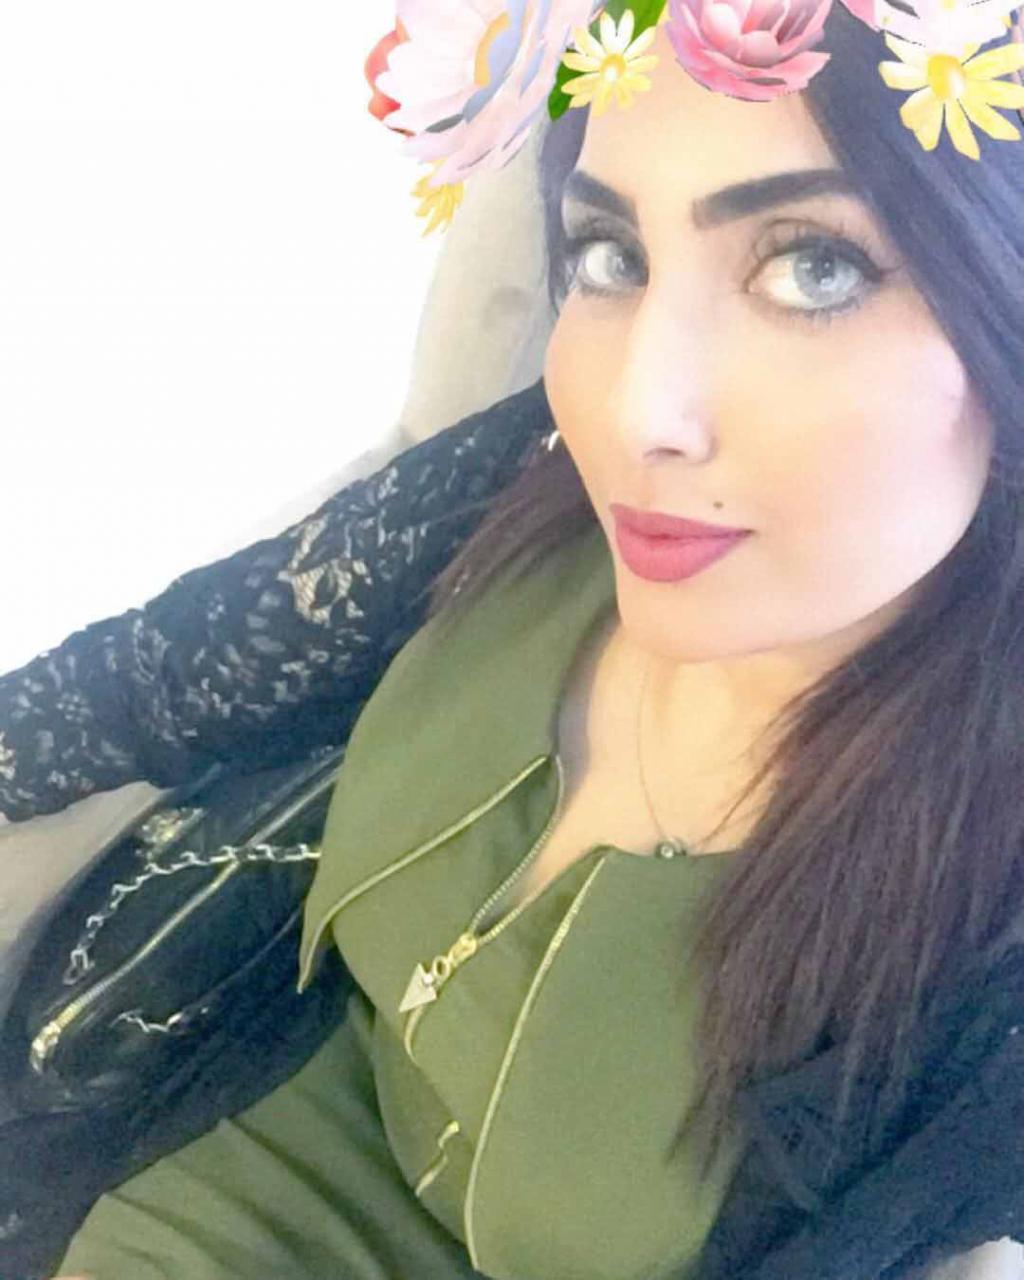 صور صور بنات العرب جميلات , شاهد اجمل صور لبنات العرب